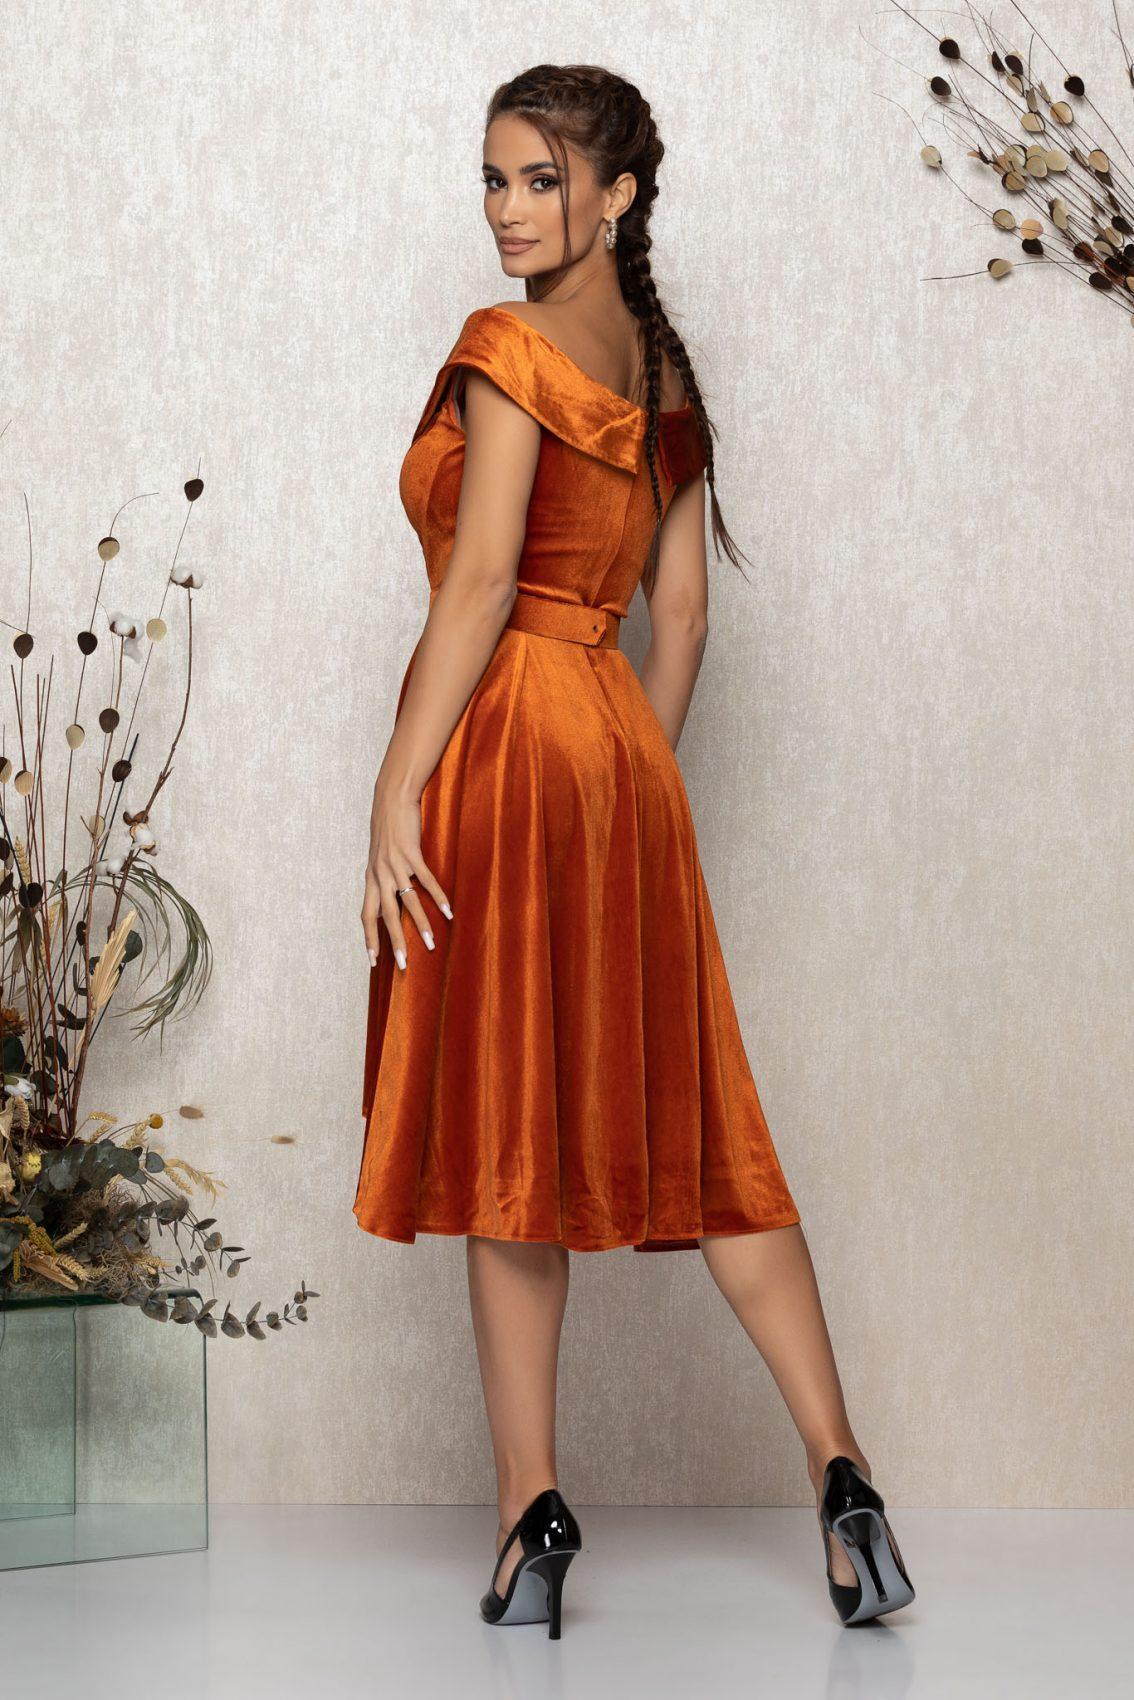 Κεραμιδί Αμάνικο Αμπιγιέ Φόρεμα Από Βελούδο Yovanna T373 2